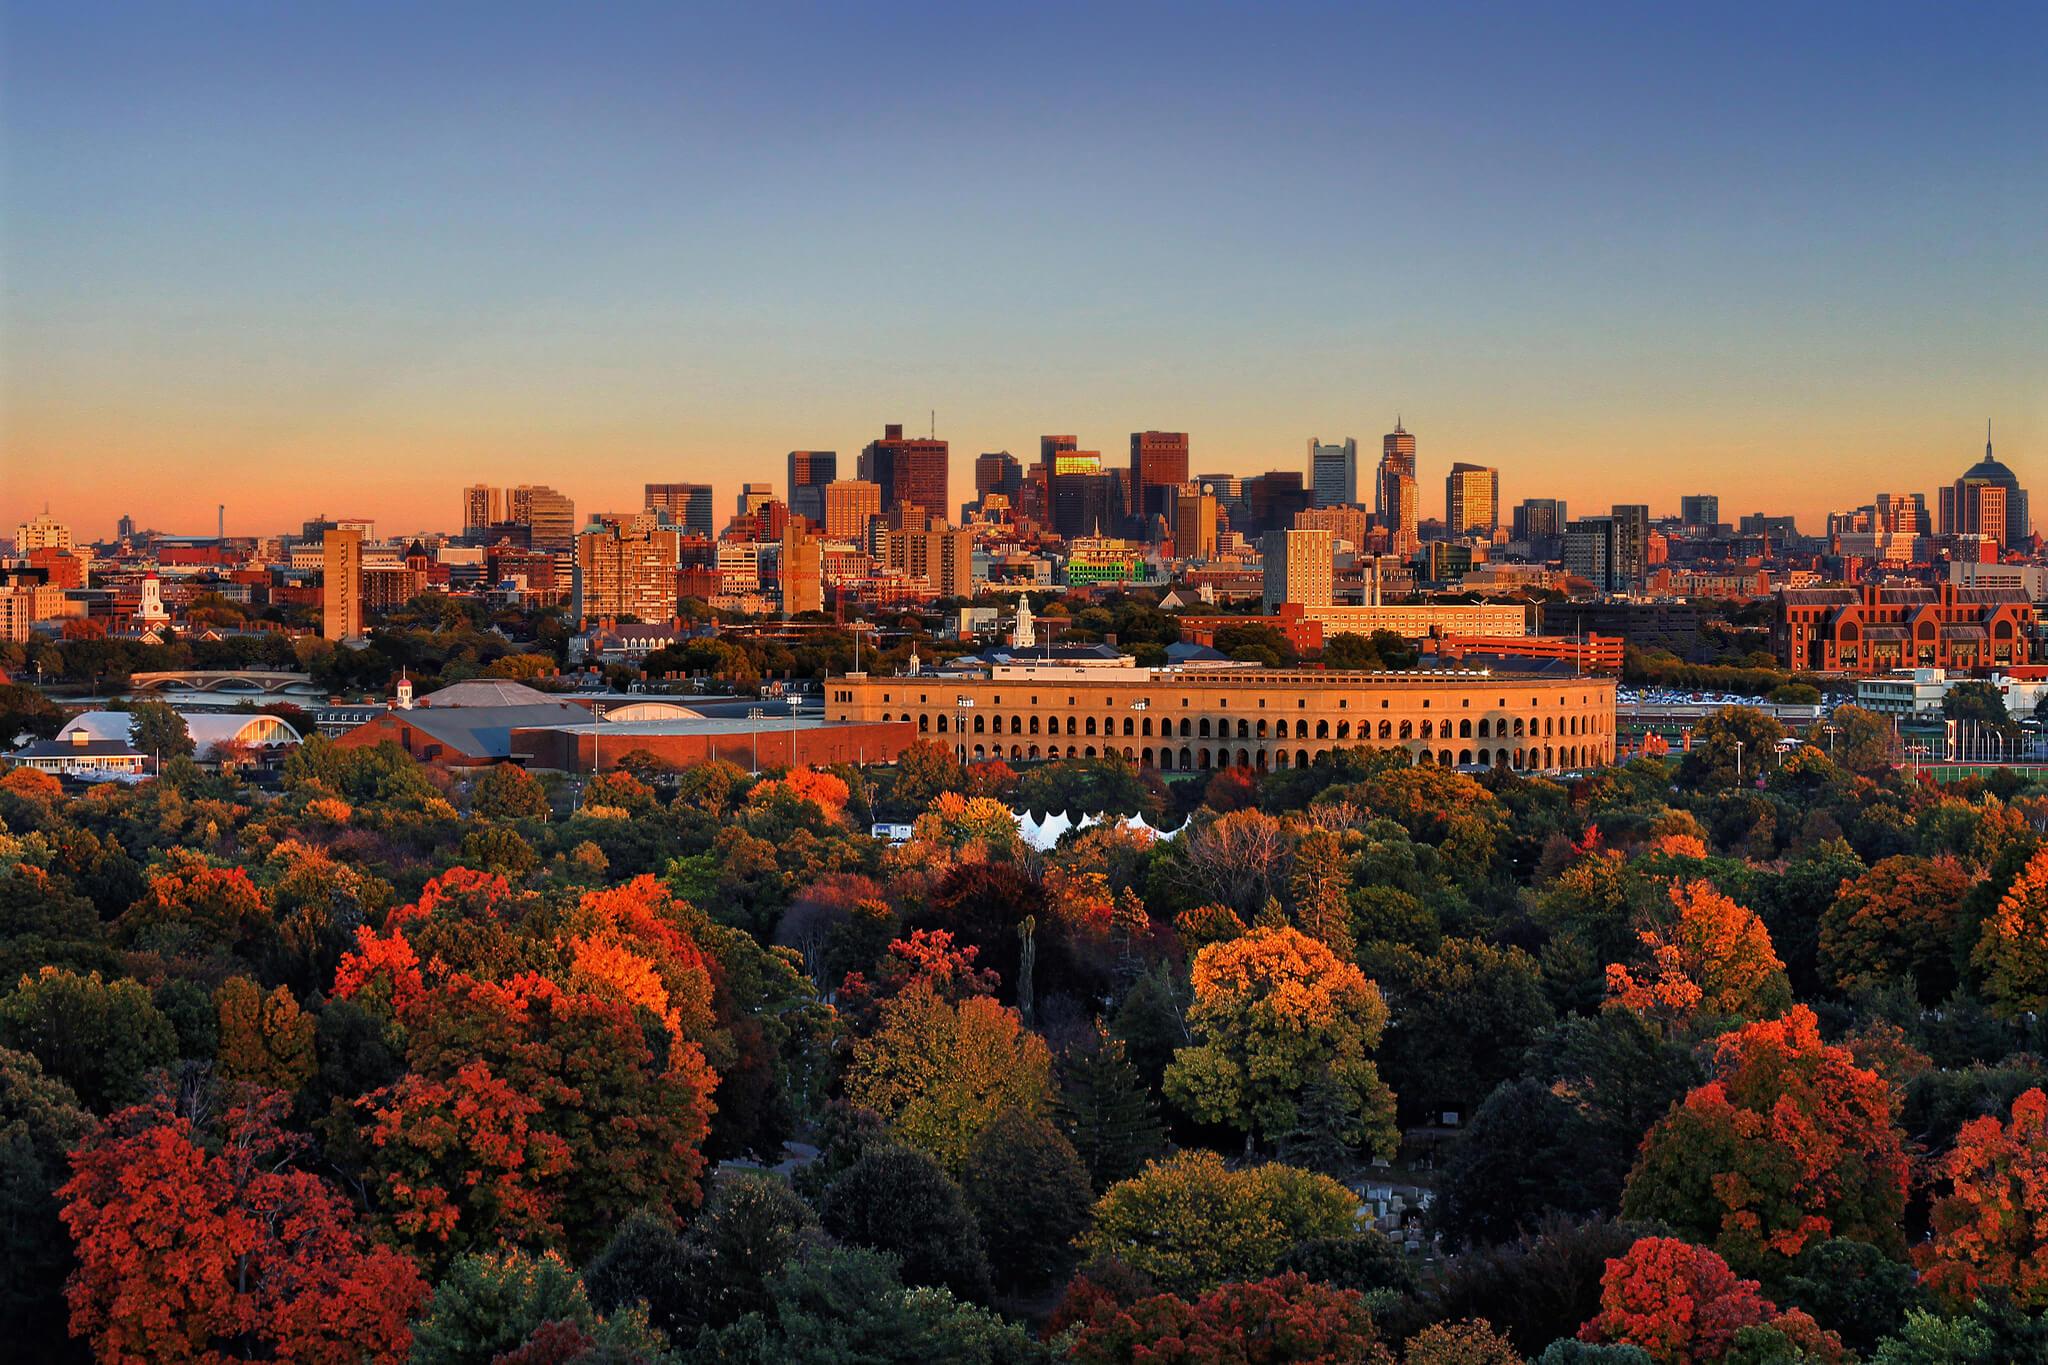 Autumn in Boston, Massachusetts Source:  Flickr  - Xynn Tii